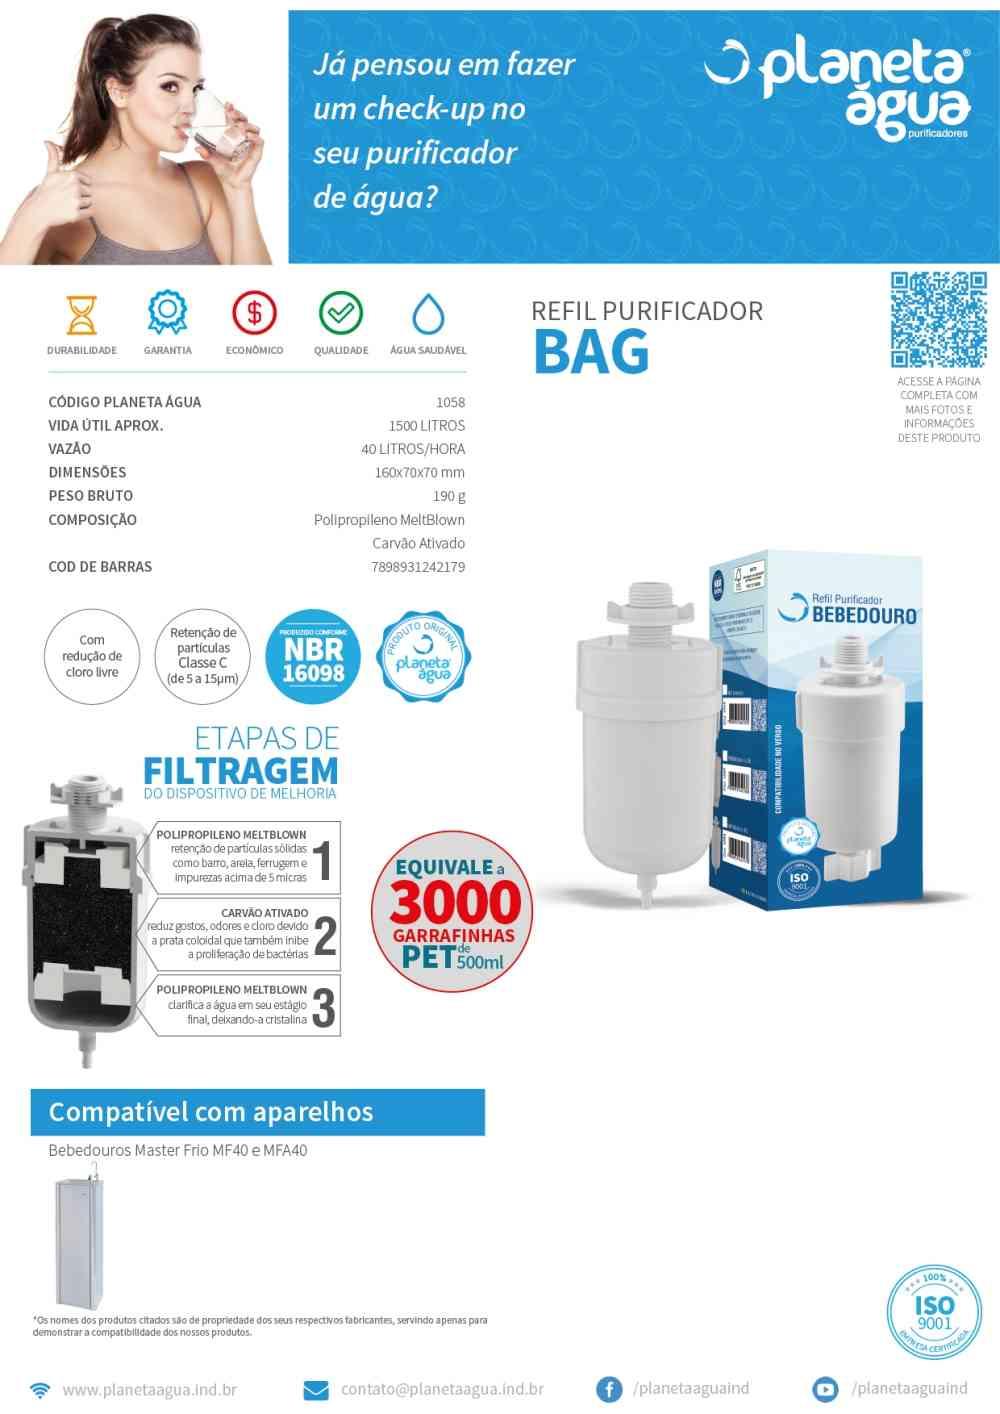 Refil Filtro Bebedouro Bag com Carvão Ativado -Planeta água